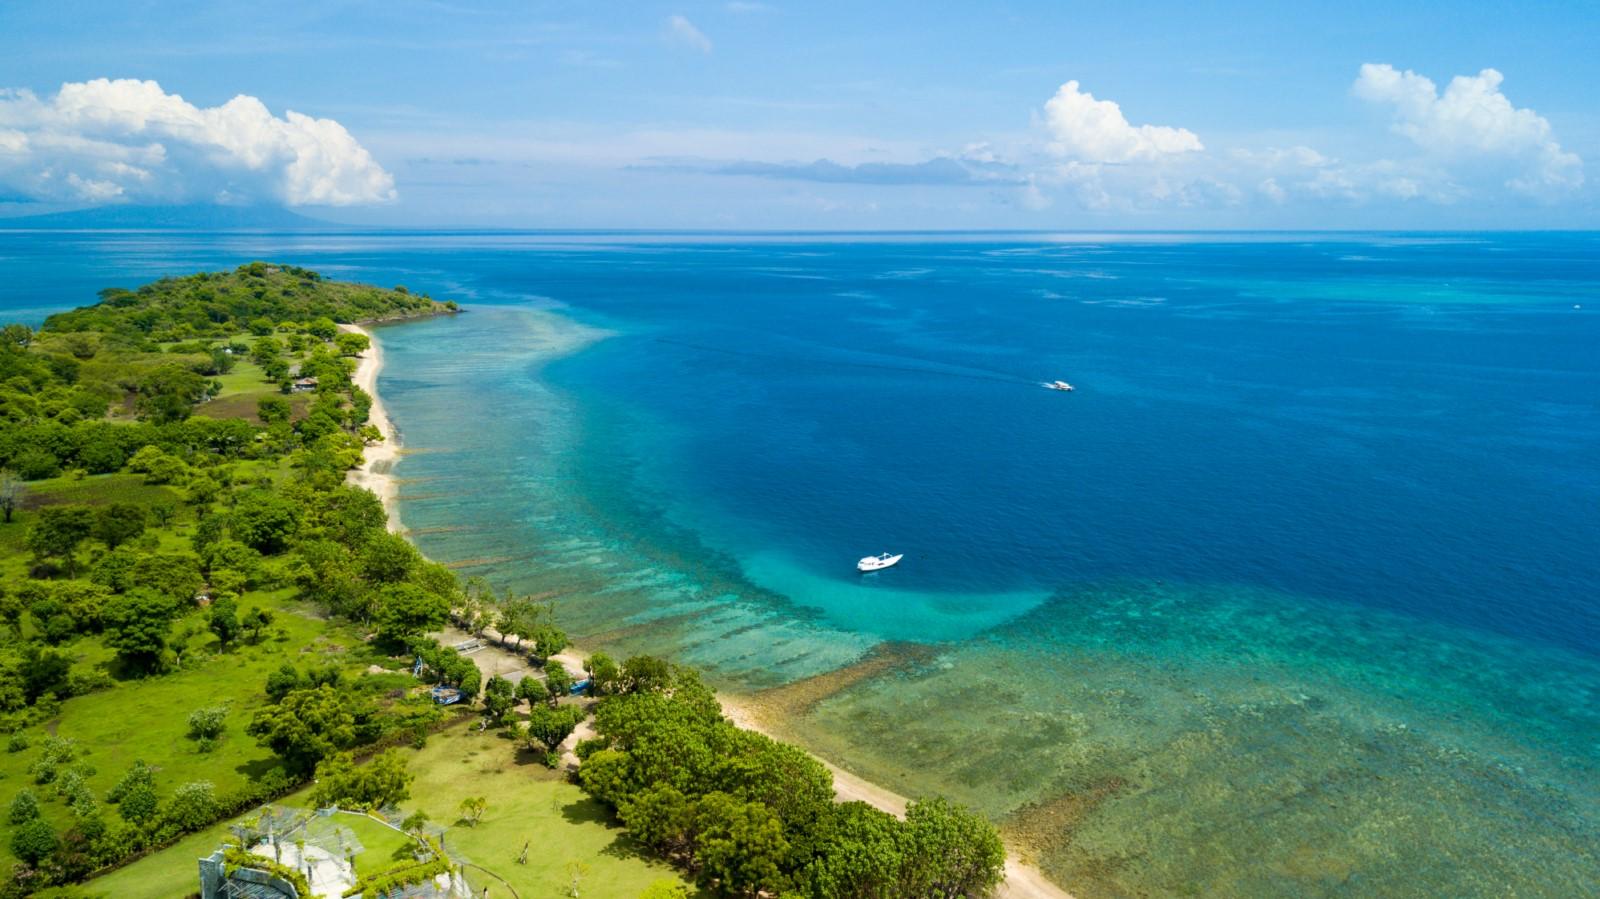 Snorkelling Menjangan Island